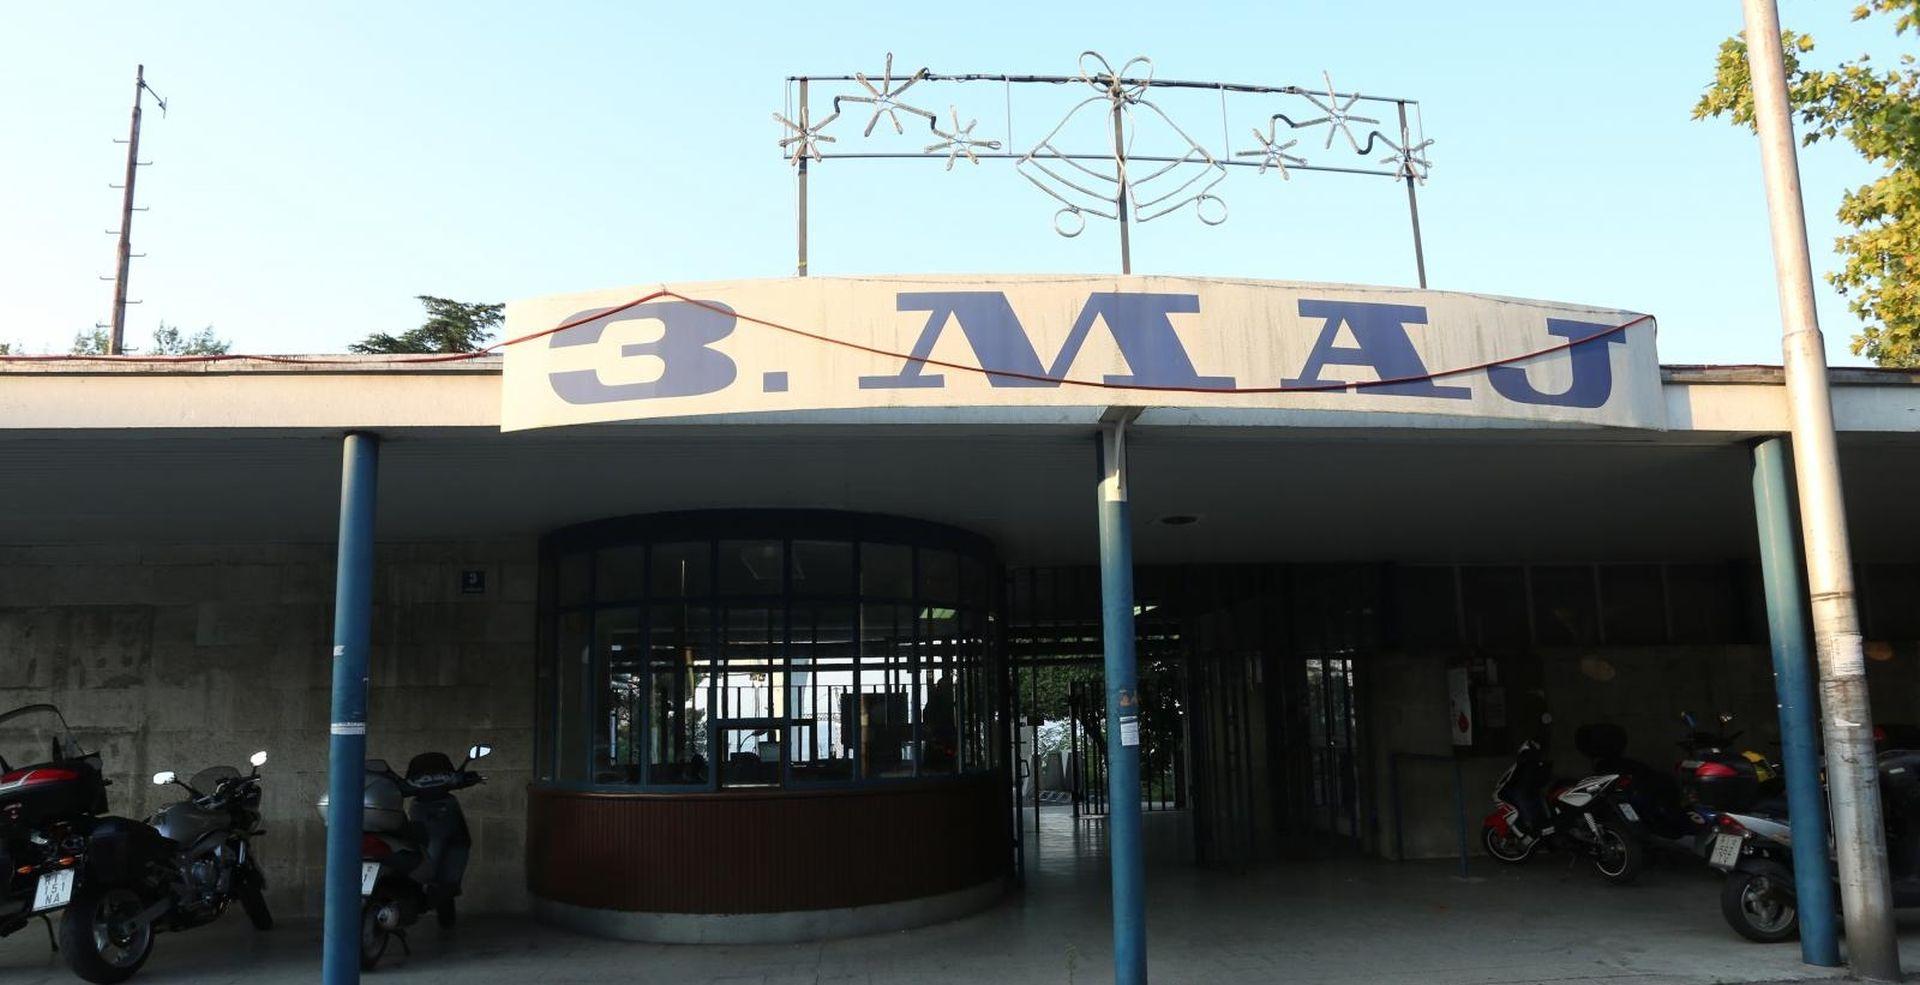 Ogorčeni radnici ušli u prostorije uprave 3. maja, zatražili ostavku direktora